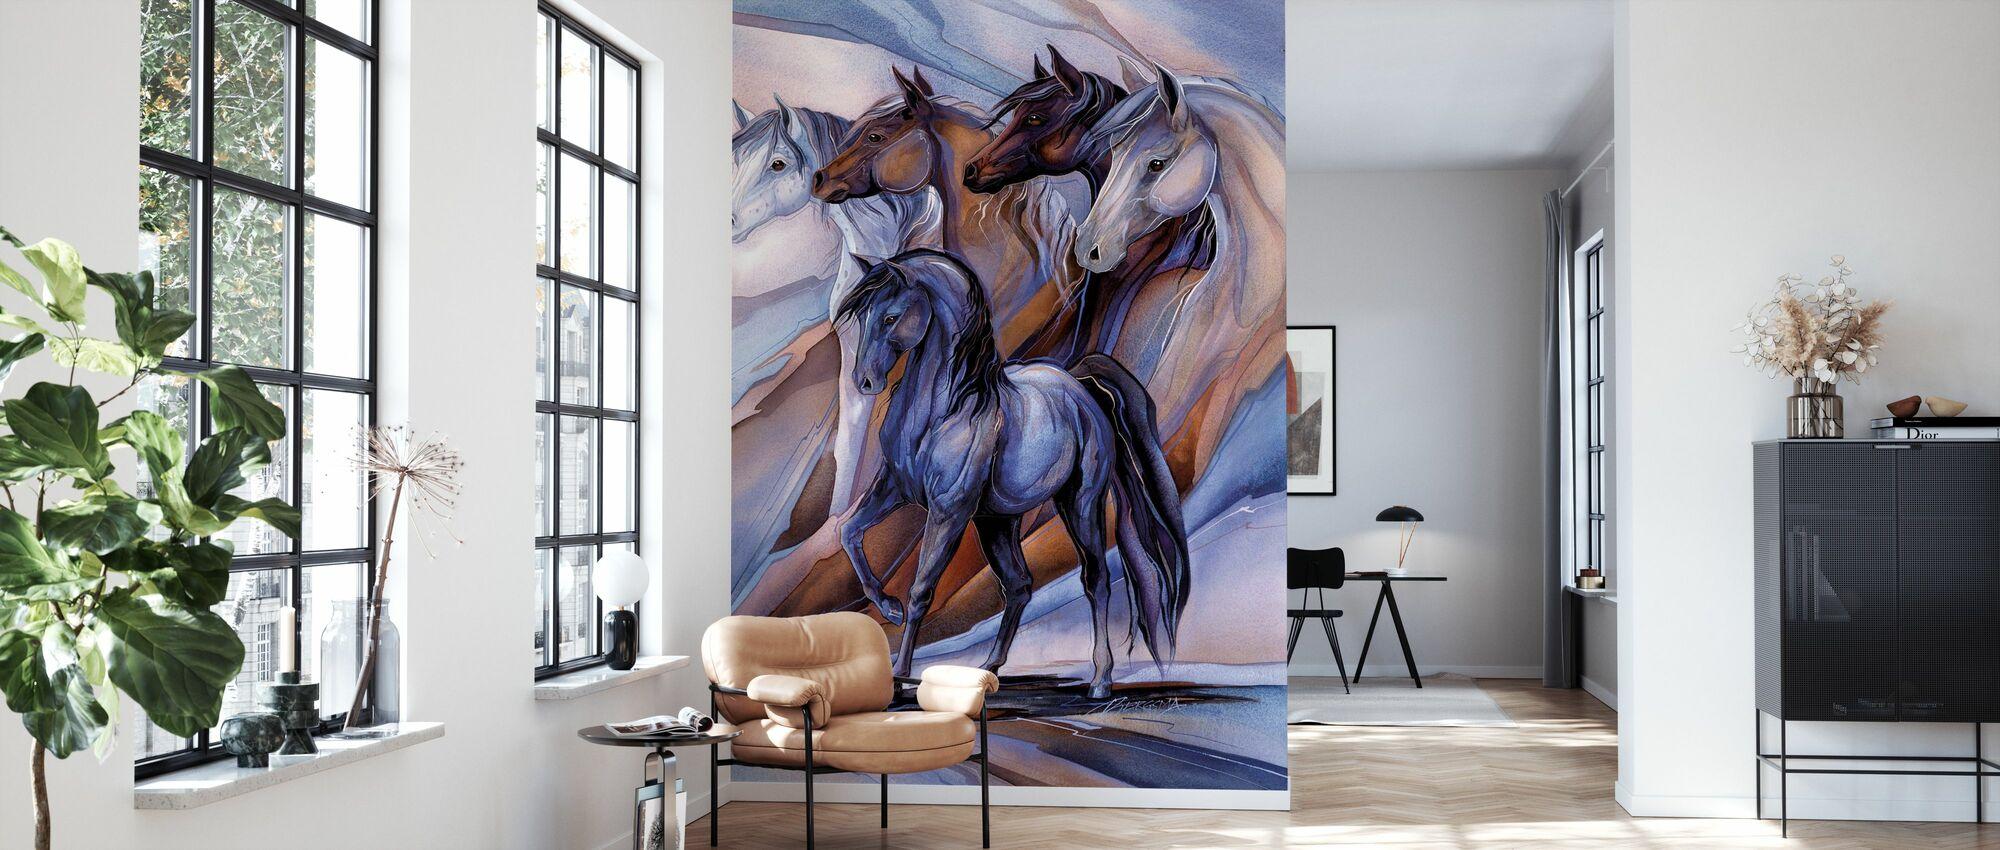 Inspirert av de fem hestene - Tapet - Stue